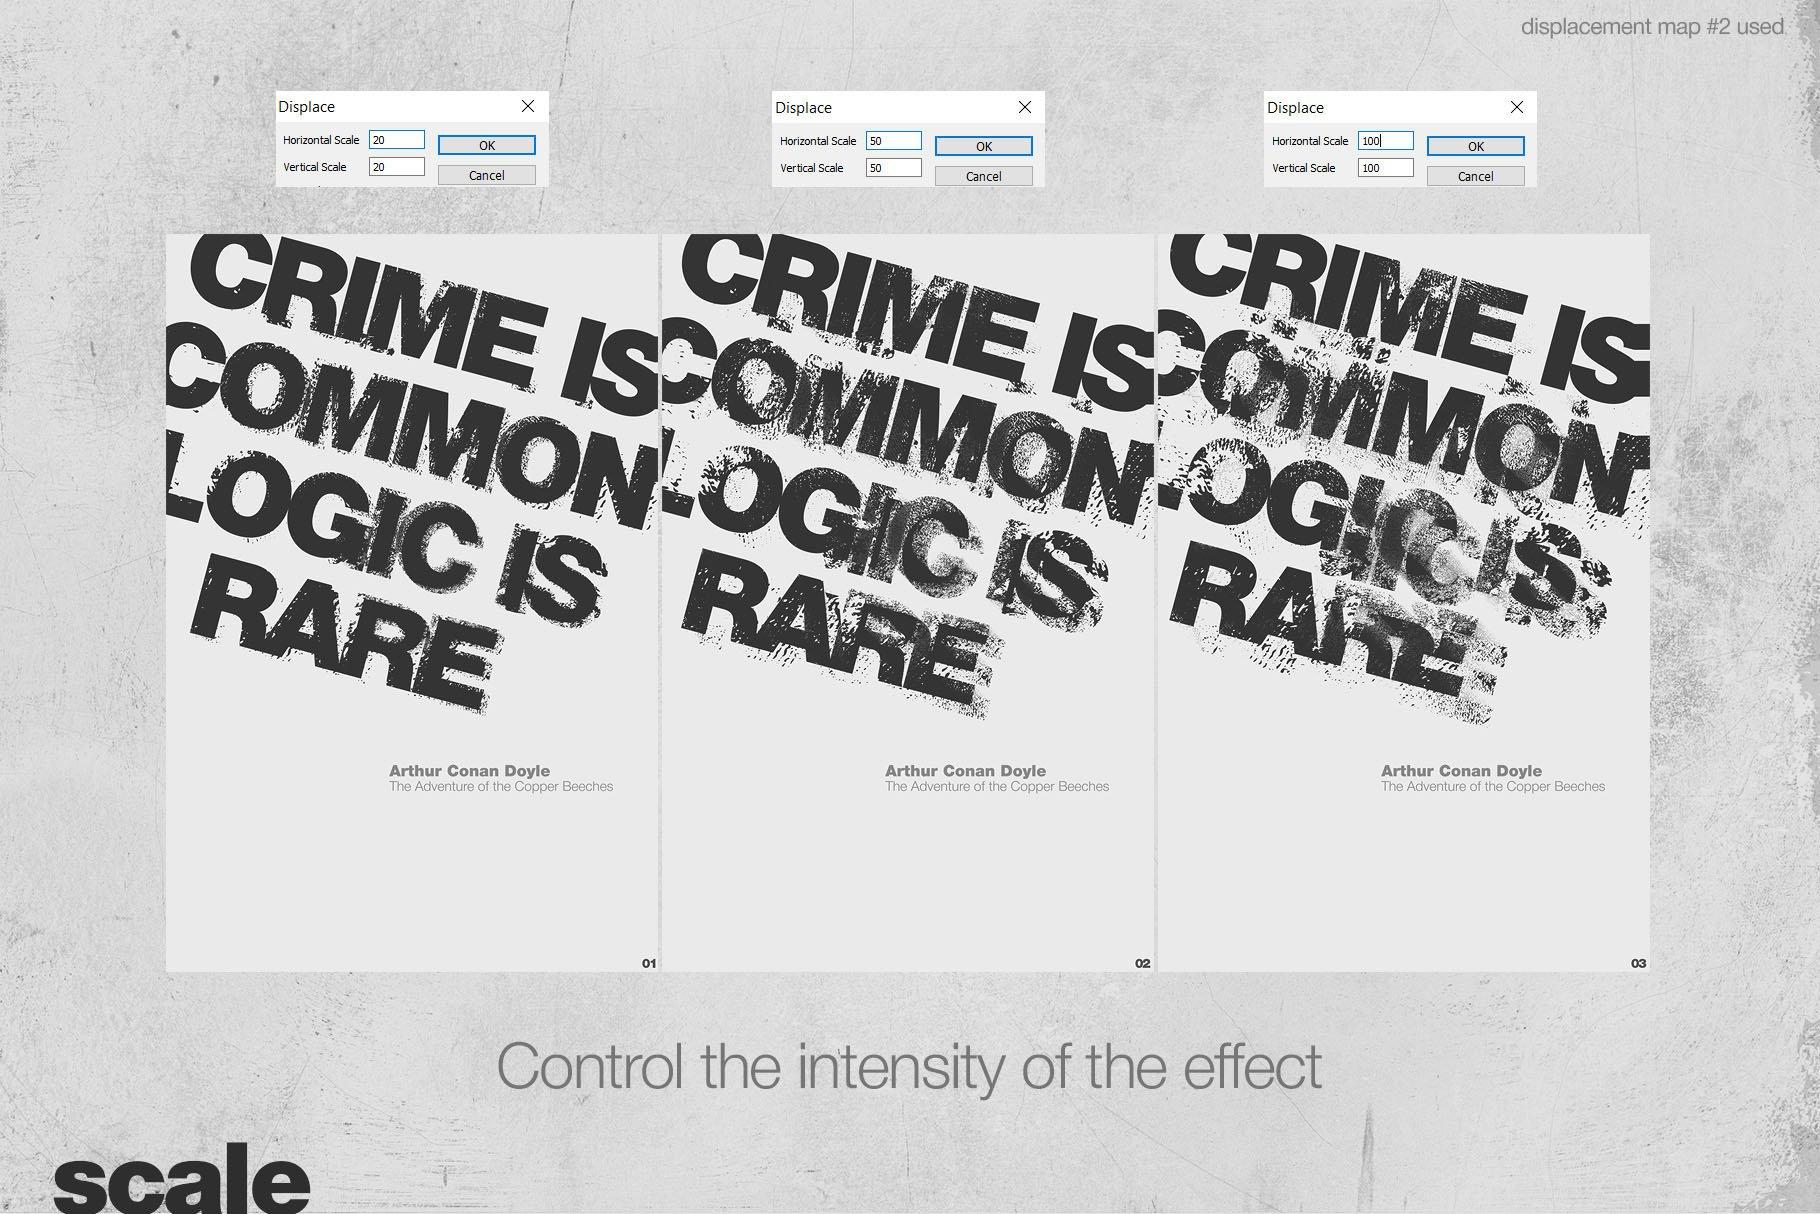 潮流创意抽象故障扭曲置换海报字体特效PS设计素材 Kinetic – Displacement Maps插图5